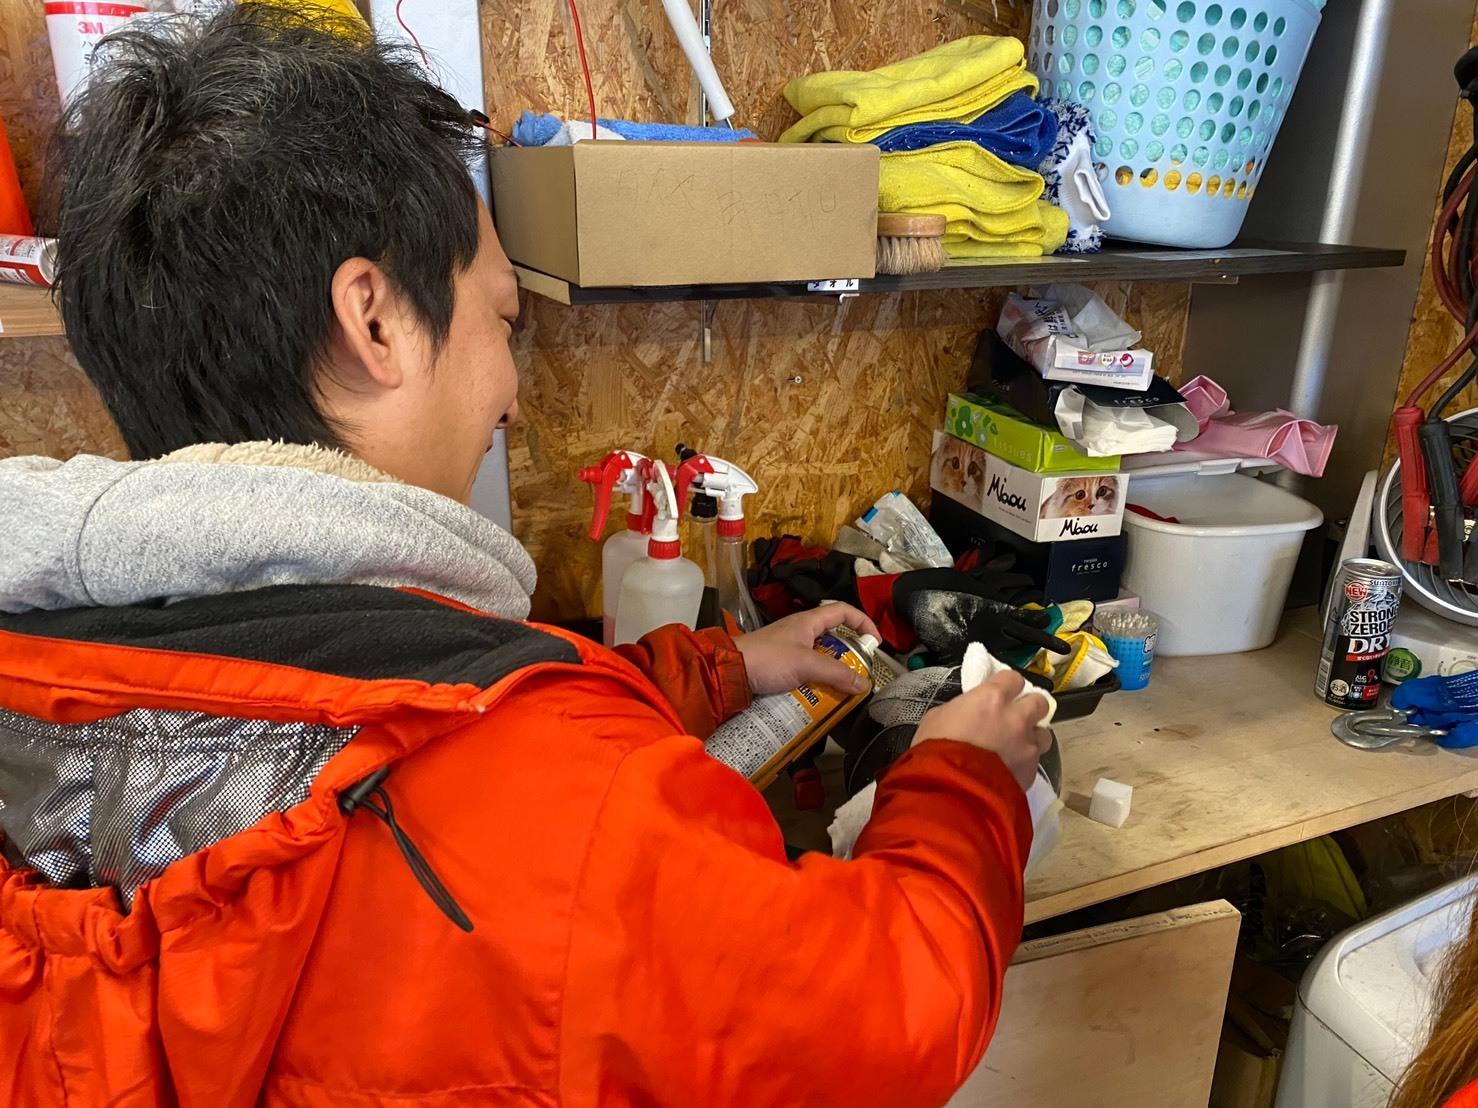 12月8日(水)除雪車あります!!! ☆ランクル エスカレード ハマー TOMMY☆_b0127002_19005909.jpg